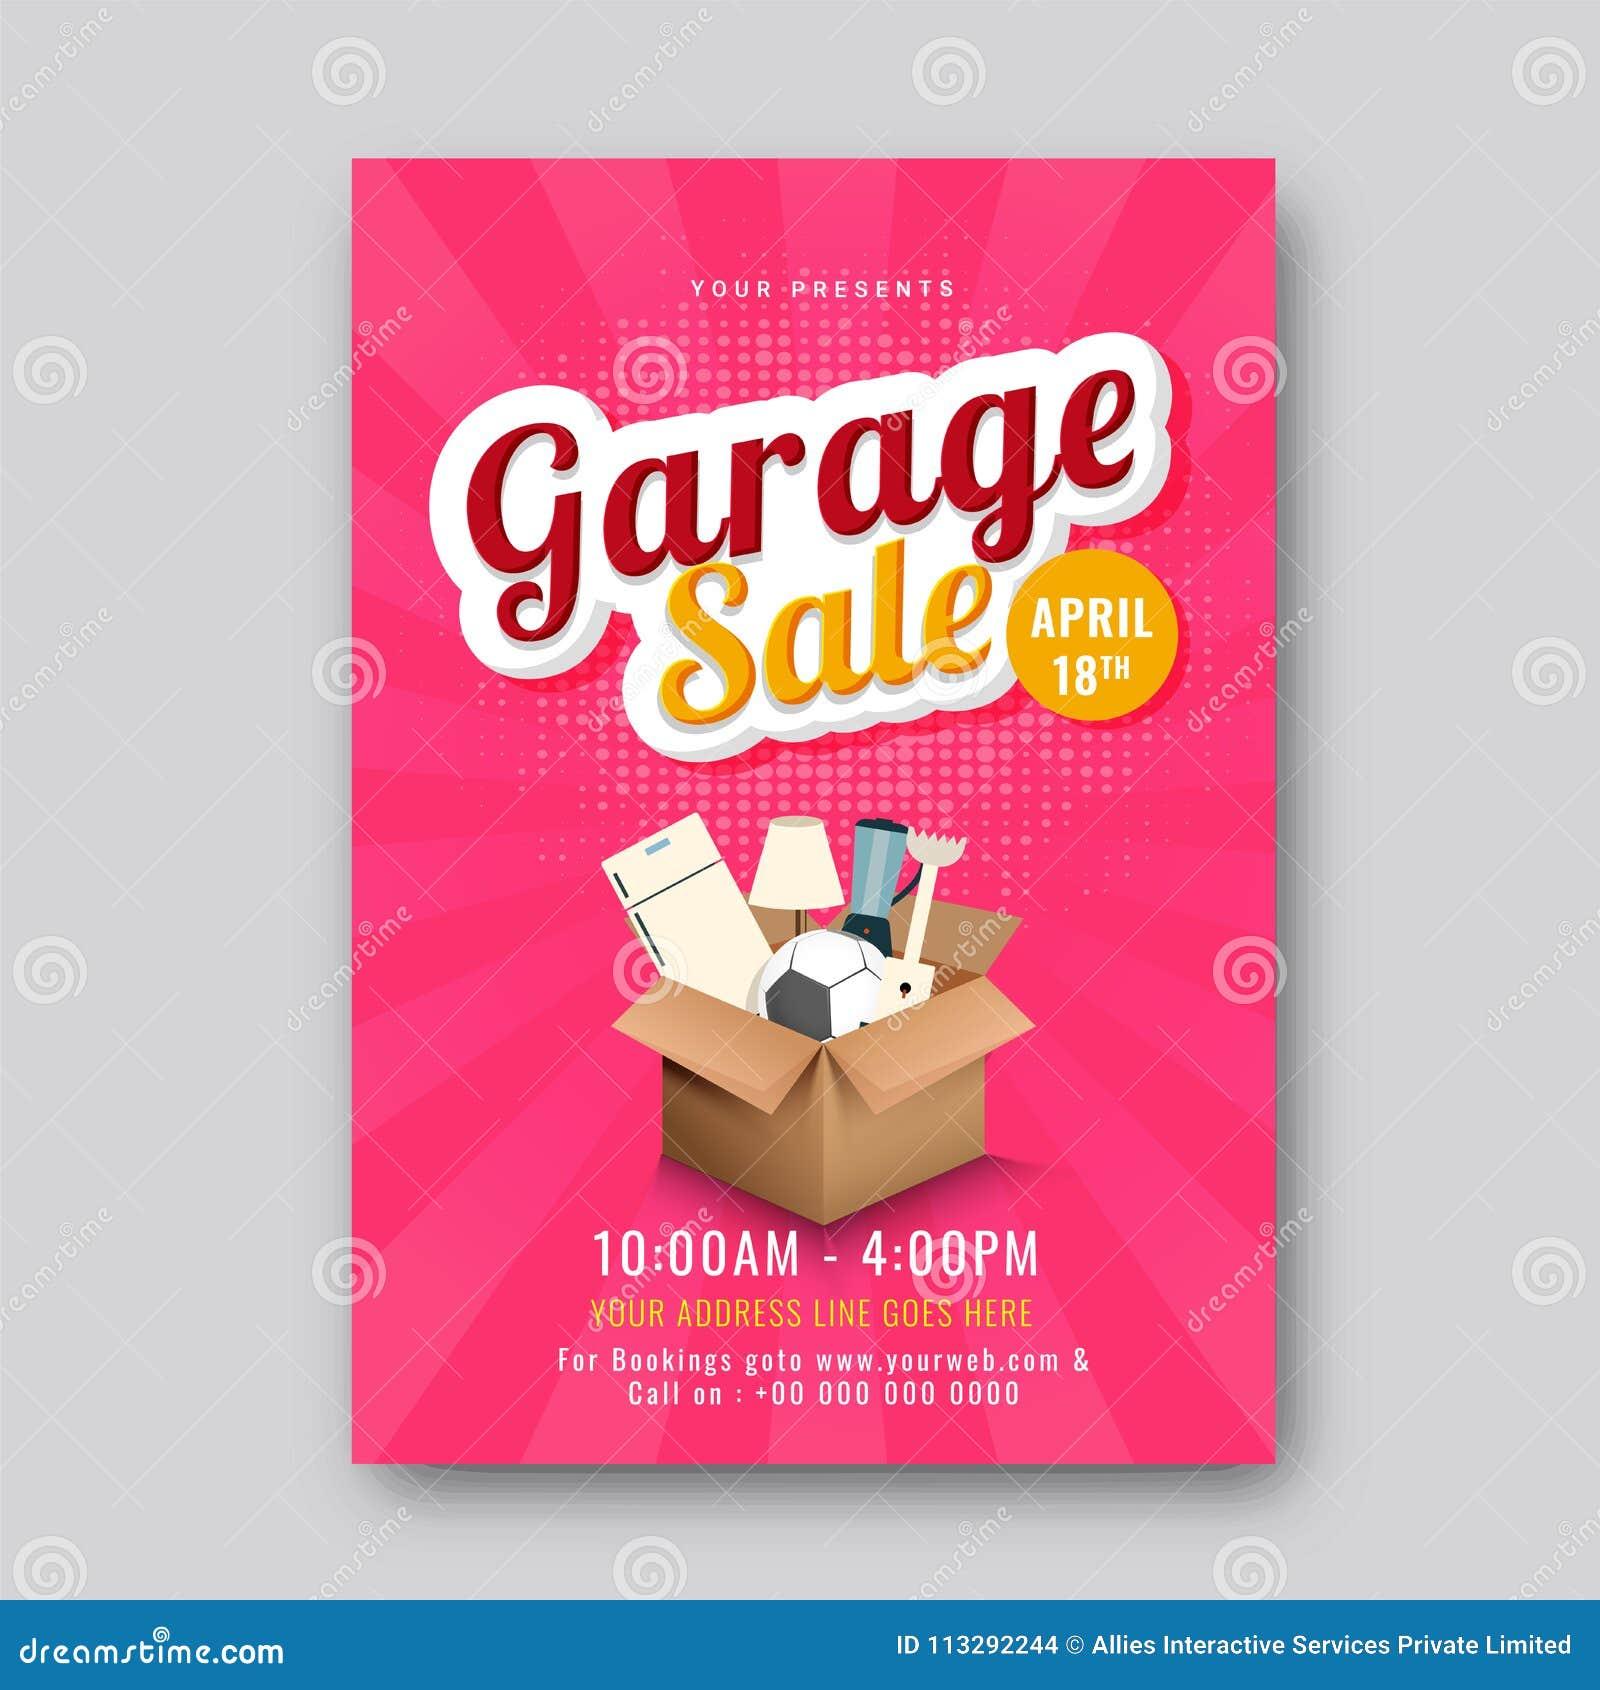 Εκτυπώσιμη αφίσα ανακοίνωσης γεγονότος πώλησης γκαράζ ή ναυπηγείων ή banne